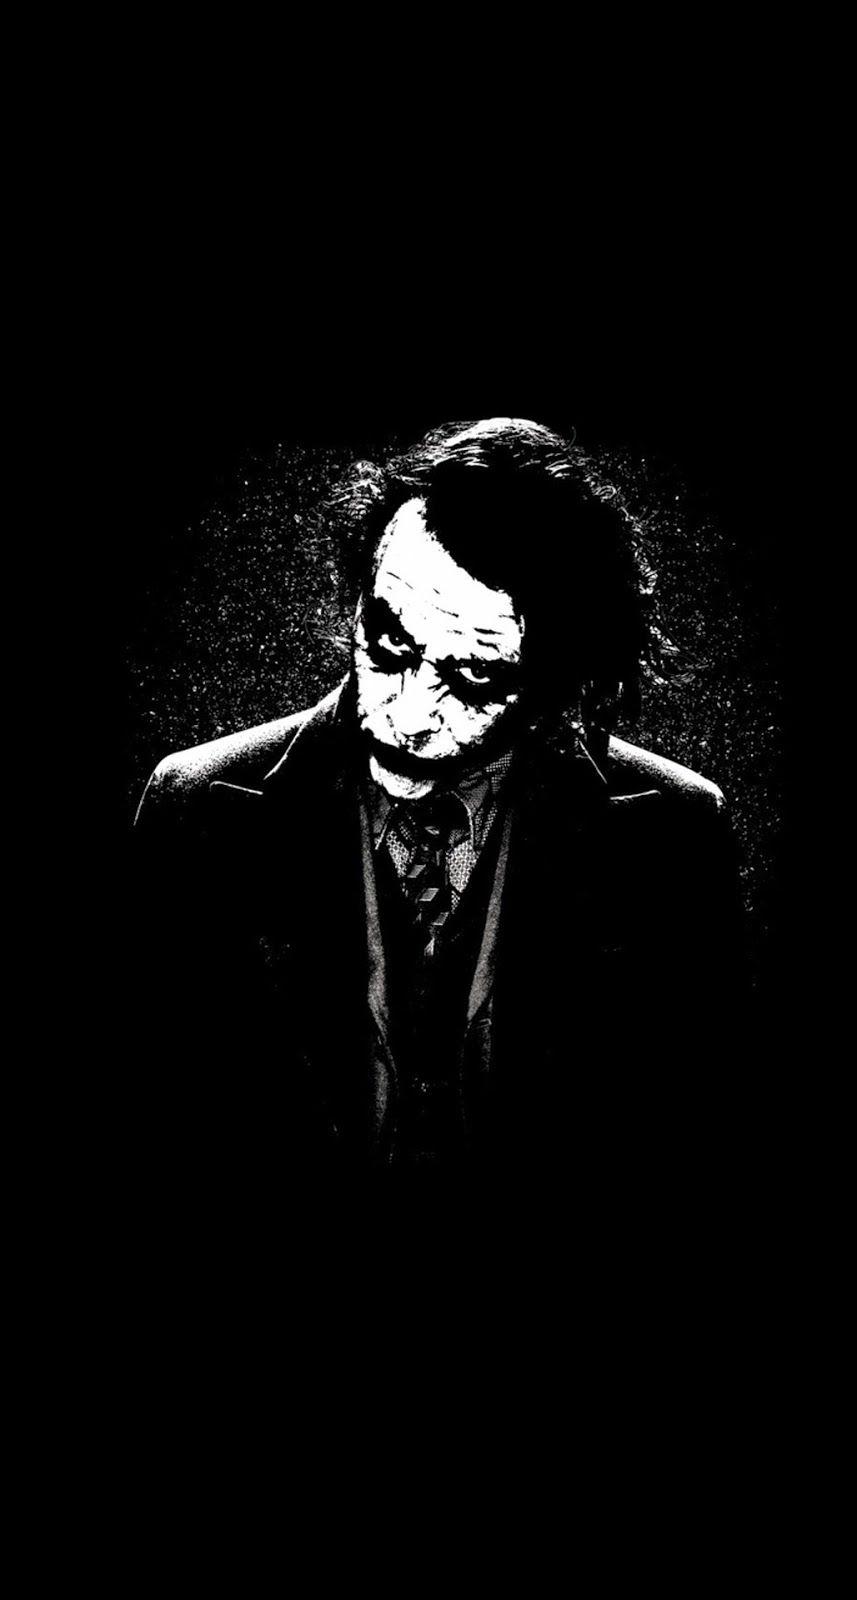 Pin By Robbskittles Robbskittles On Iphone X Wallpapers Joker